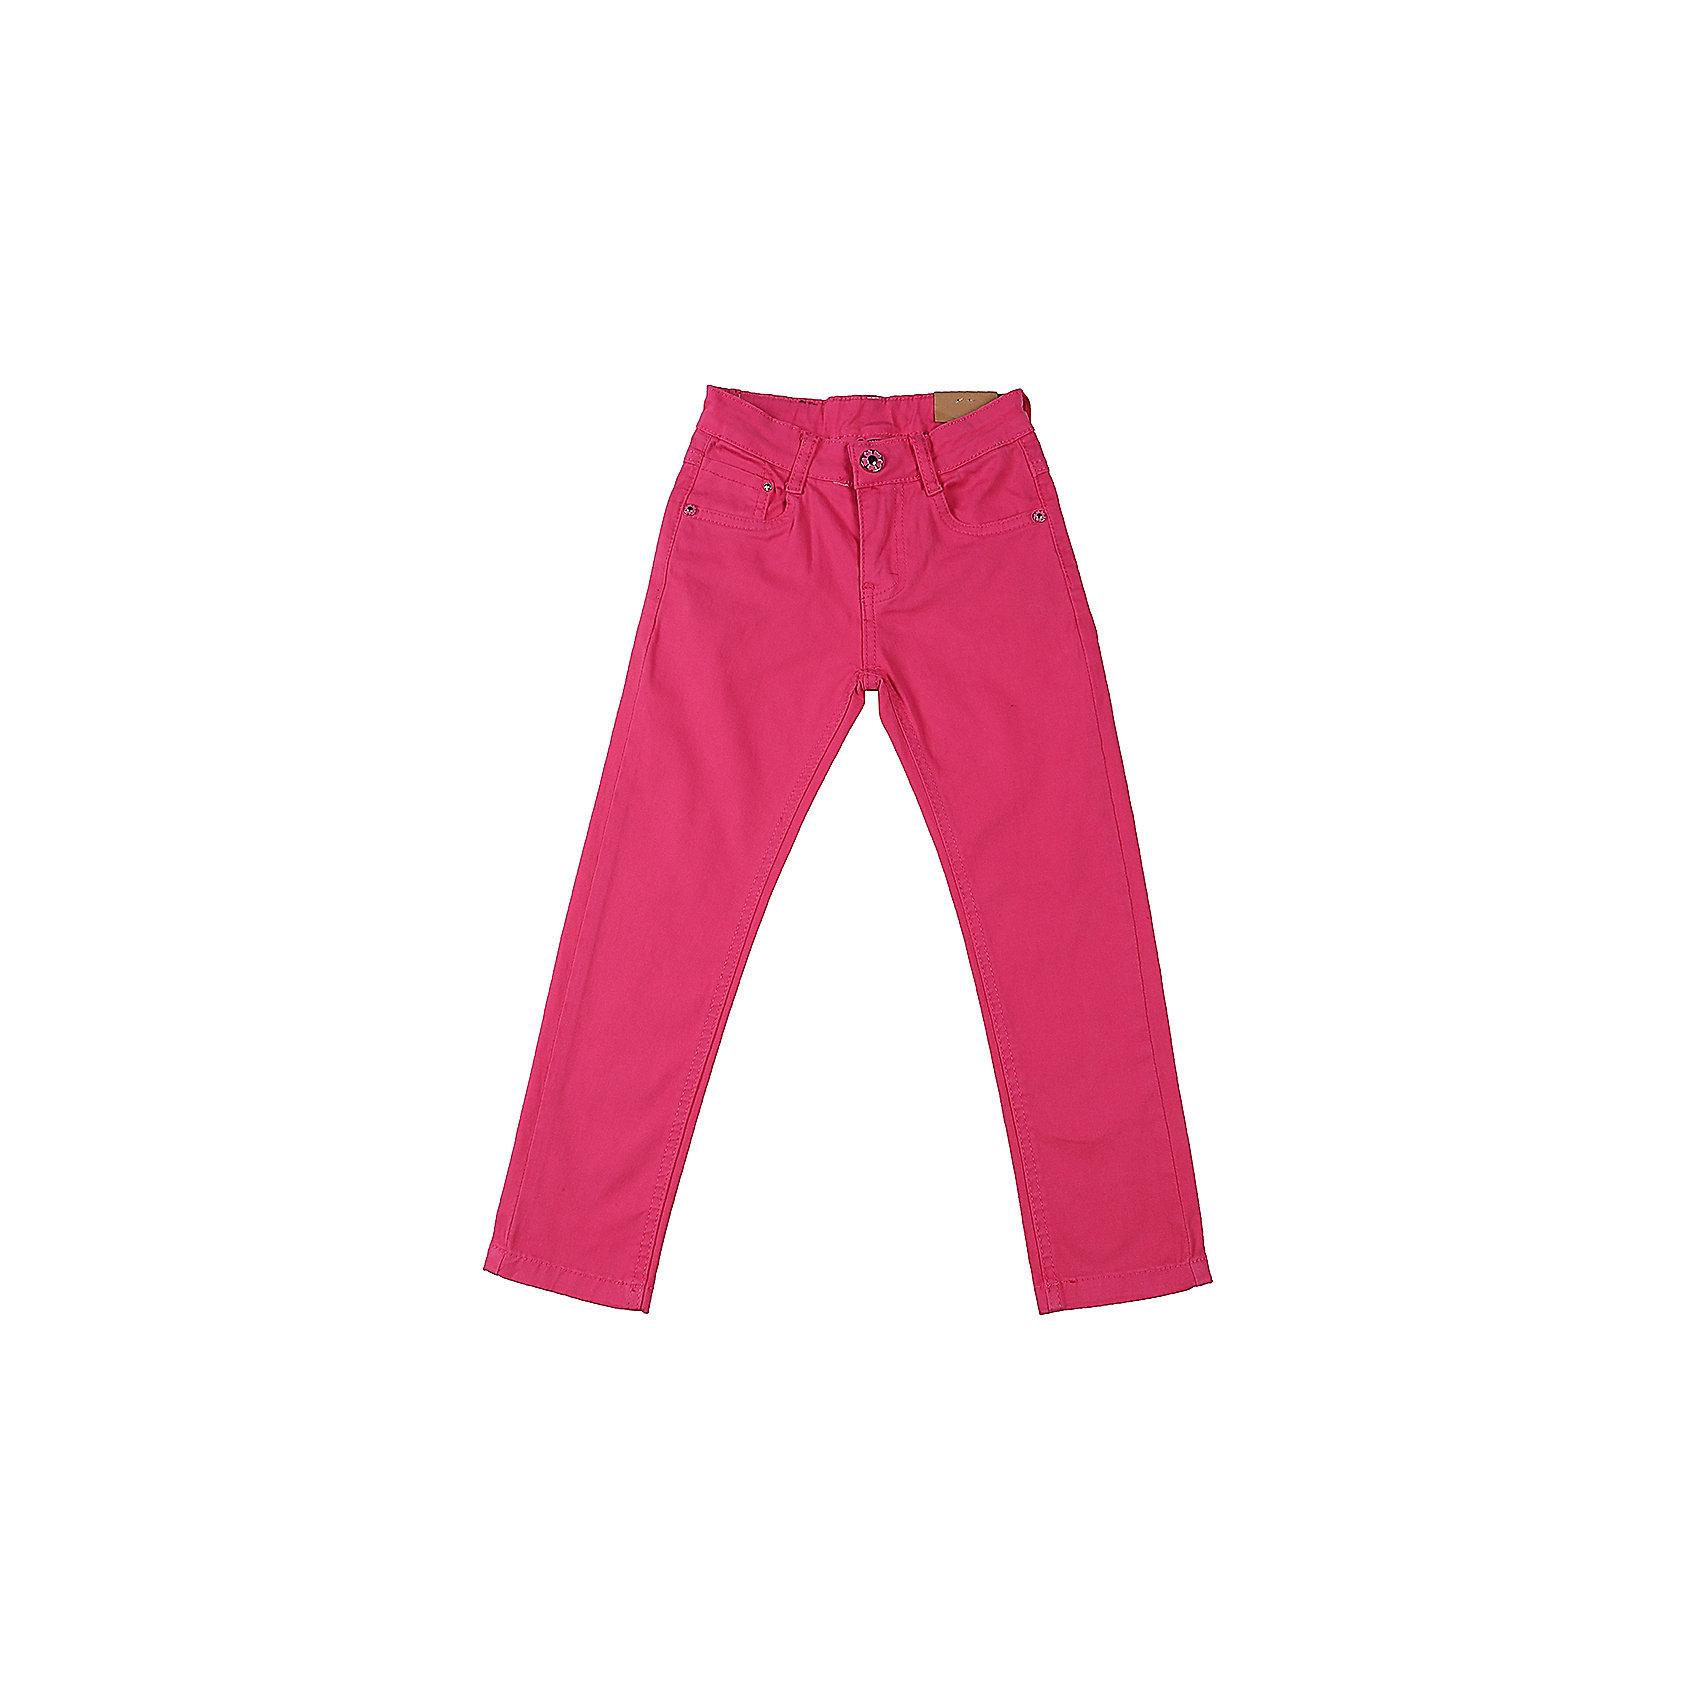 Брюки для девочки Sweet BerryБрюки<br>Джинсовые брюки для девочки модного цвета.  Зауженный крой. Застегиваются на молнию и пуговицу. Шлевки на поясе рассчитаны под ремень. В боковой части пояса находятся вшитые эластичные ленты, регулирующие посадку по талии.<br>Состав:<br>98%хлопок 2%эластан<br><br>Ширина мм: 215<br>Глубина мм: 88<br>Высота мм: 191<br>Вес г: 336<br>Цвет: фиолетовый<br>Возраст от месяцев: 36<br>Возраст до месяцев: 48<br>Пол: Женский<br>Возраст: Детский<br>Размер: 104,98,110,116,122,128<br>SKU: 5412432